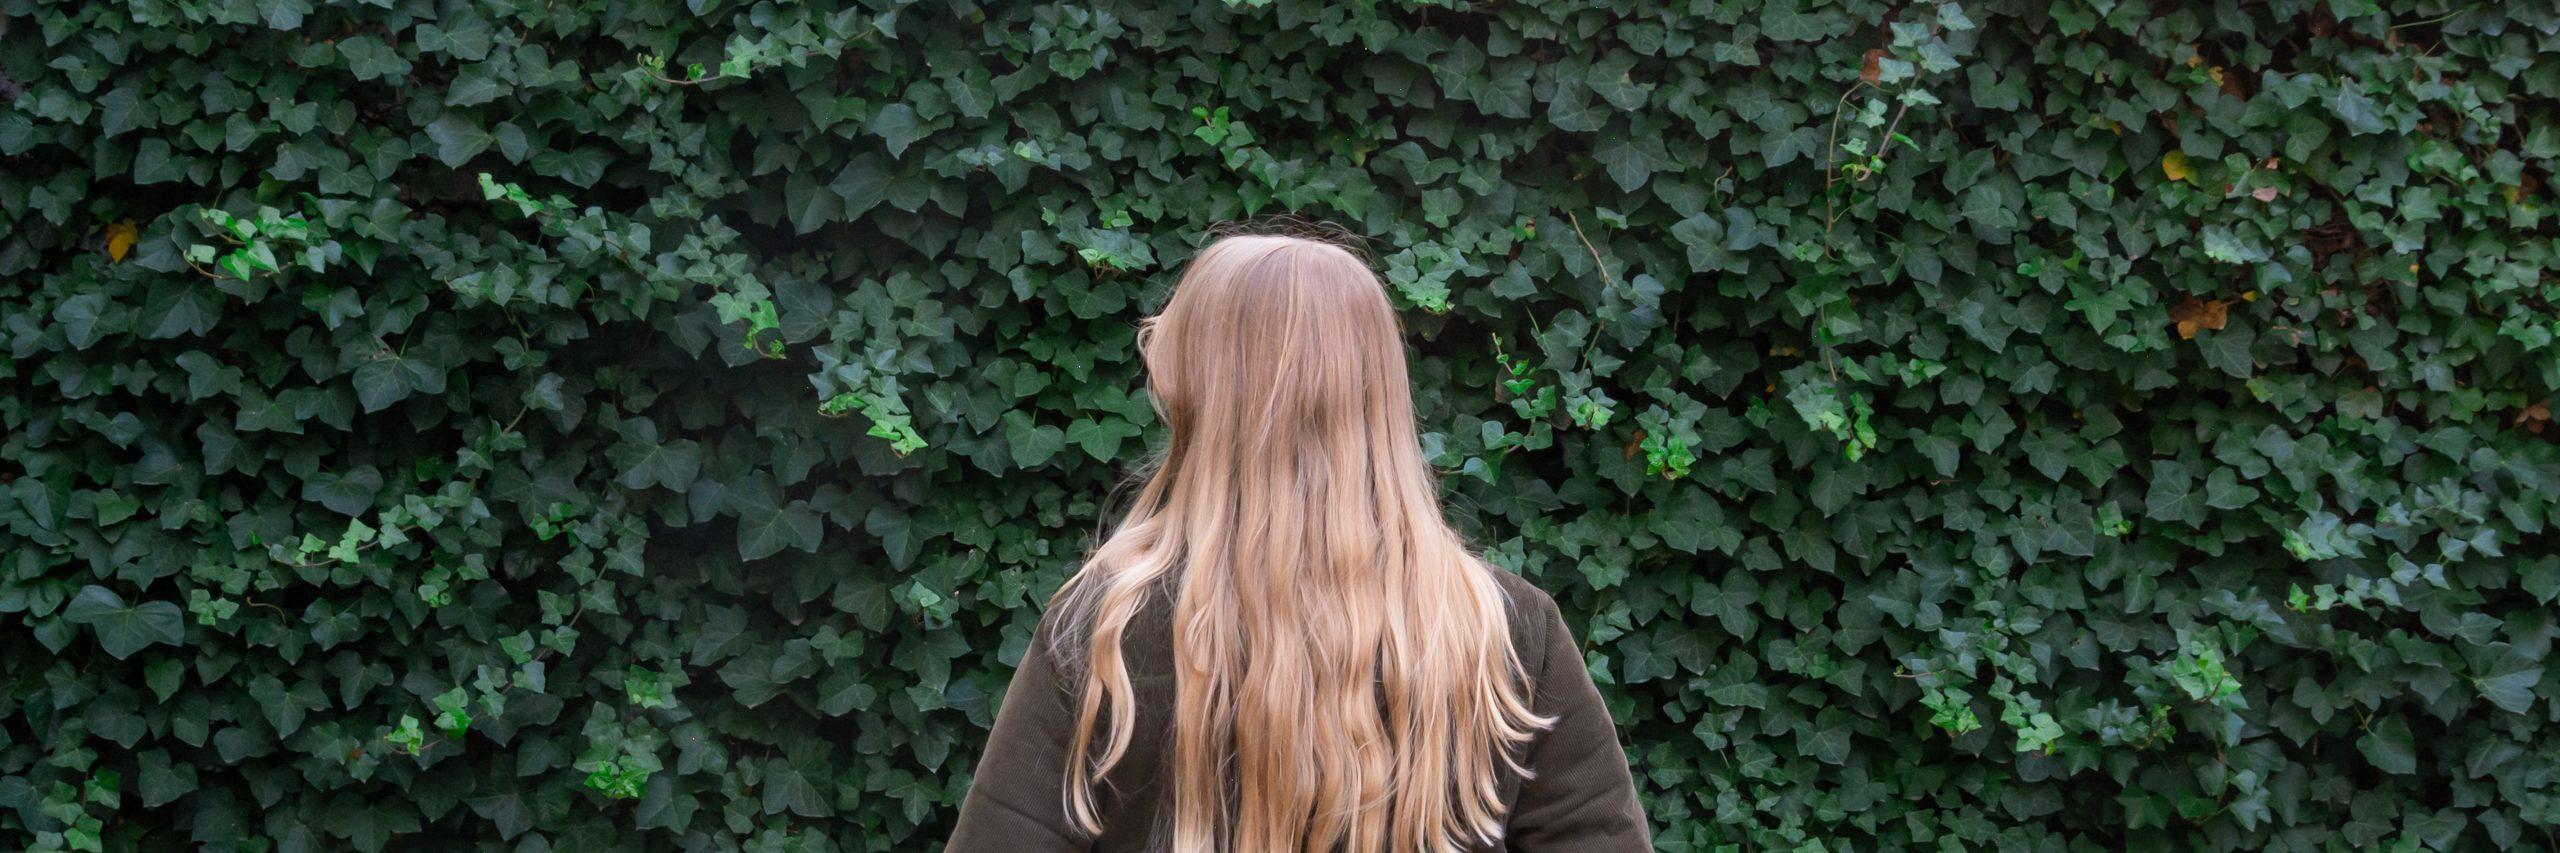 Mädchen vor grüner Hecke